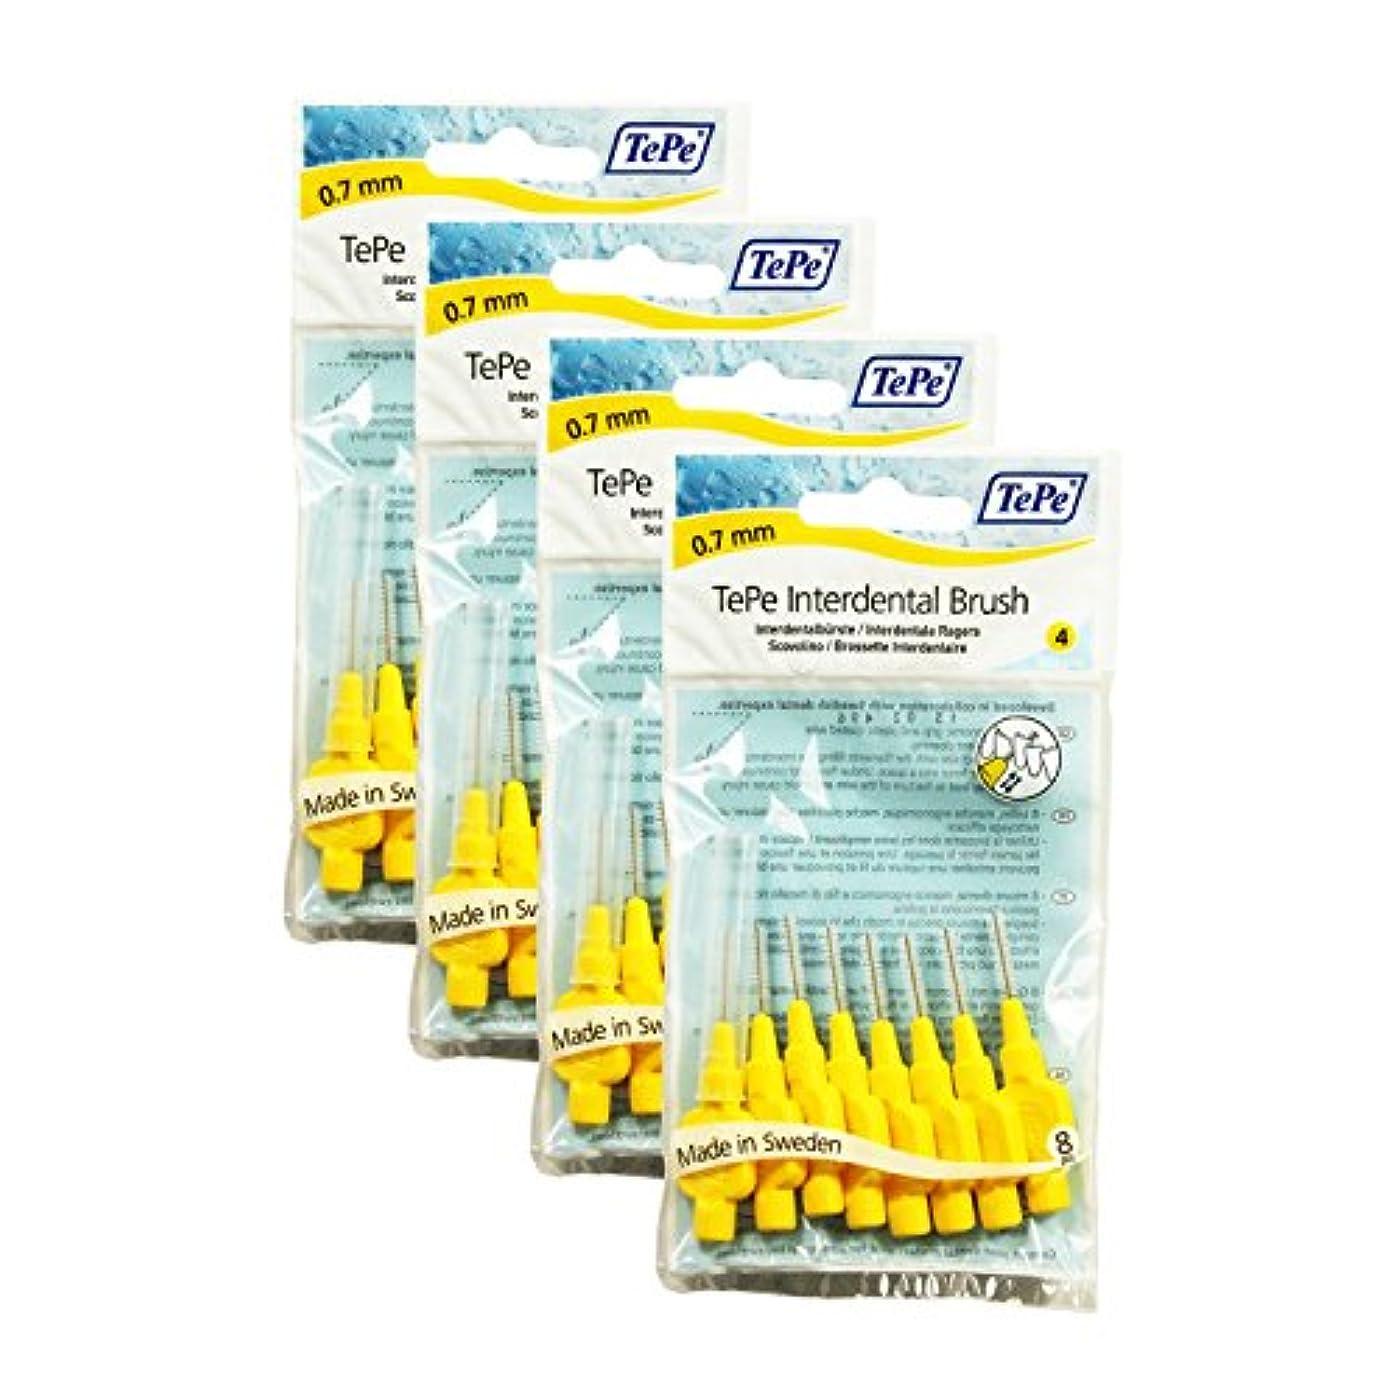 殺人者適応する眼TePe Interdental Brushes 0.7mm Yellow - 4 Packets of 8 (32 Brushes) by TePe